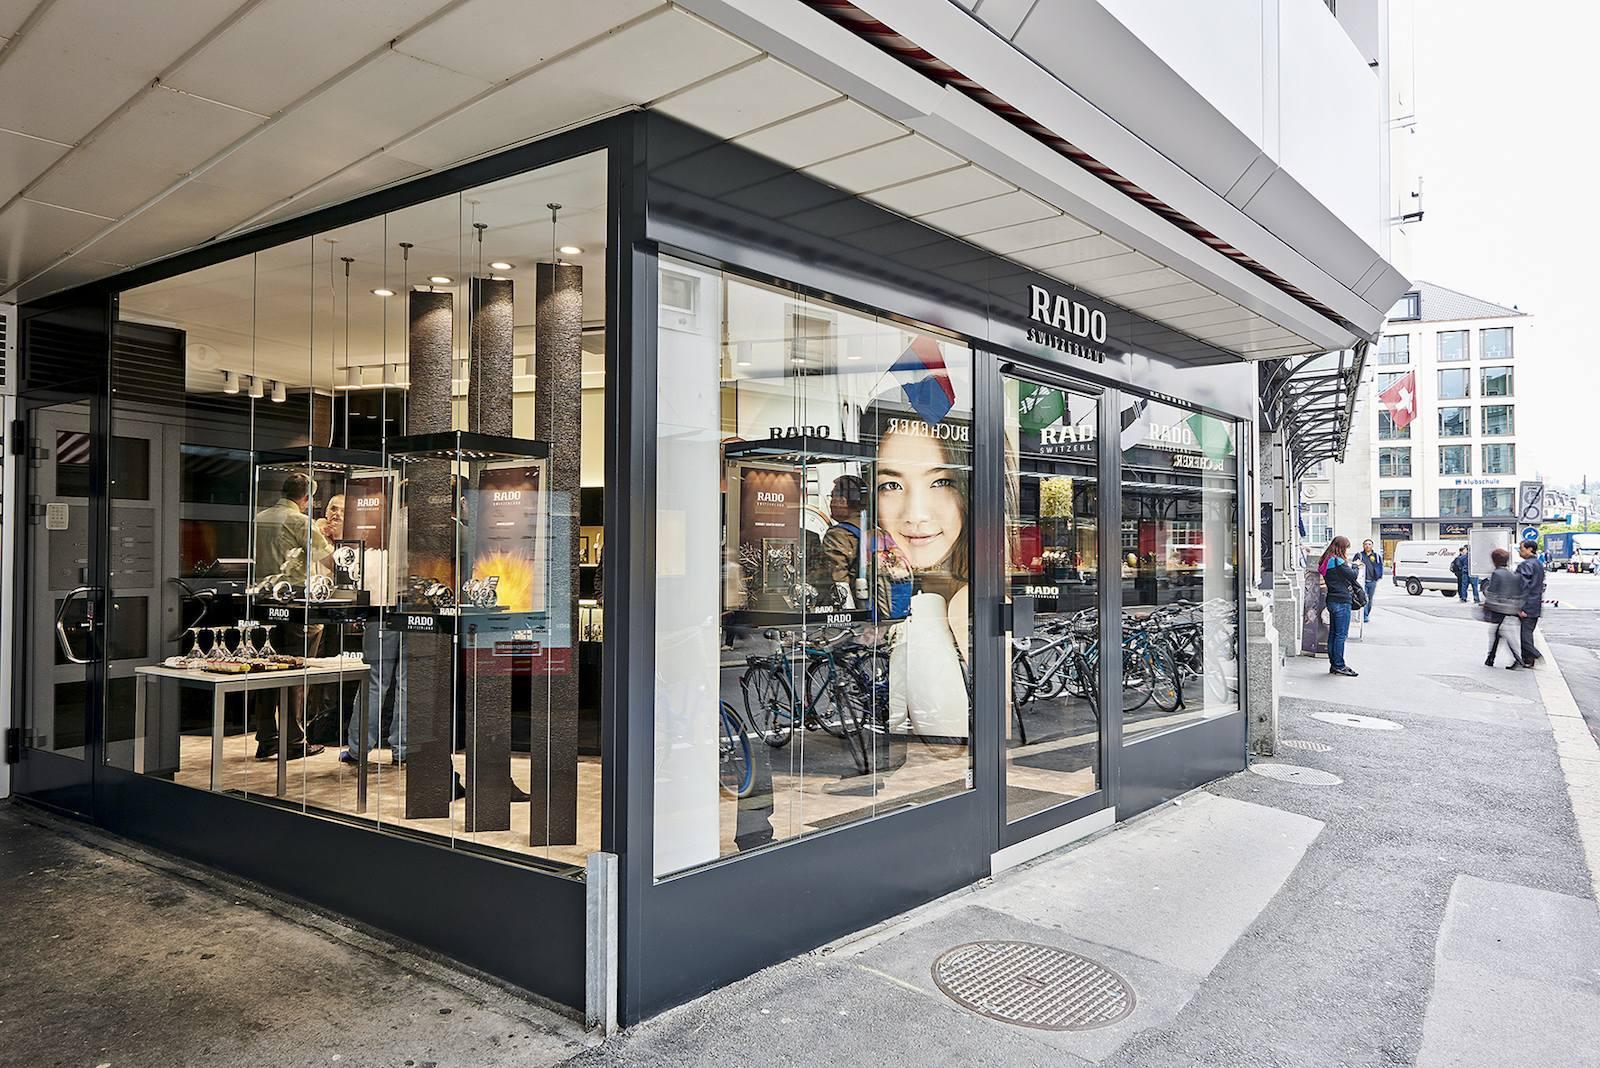 Rado inaugura su primera Boutique monomarca en Suiza